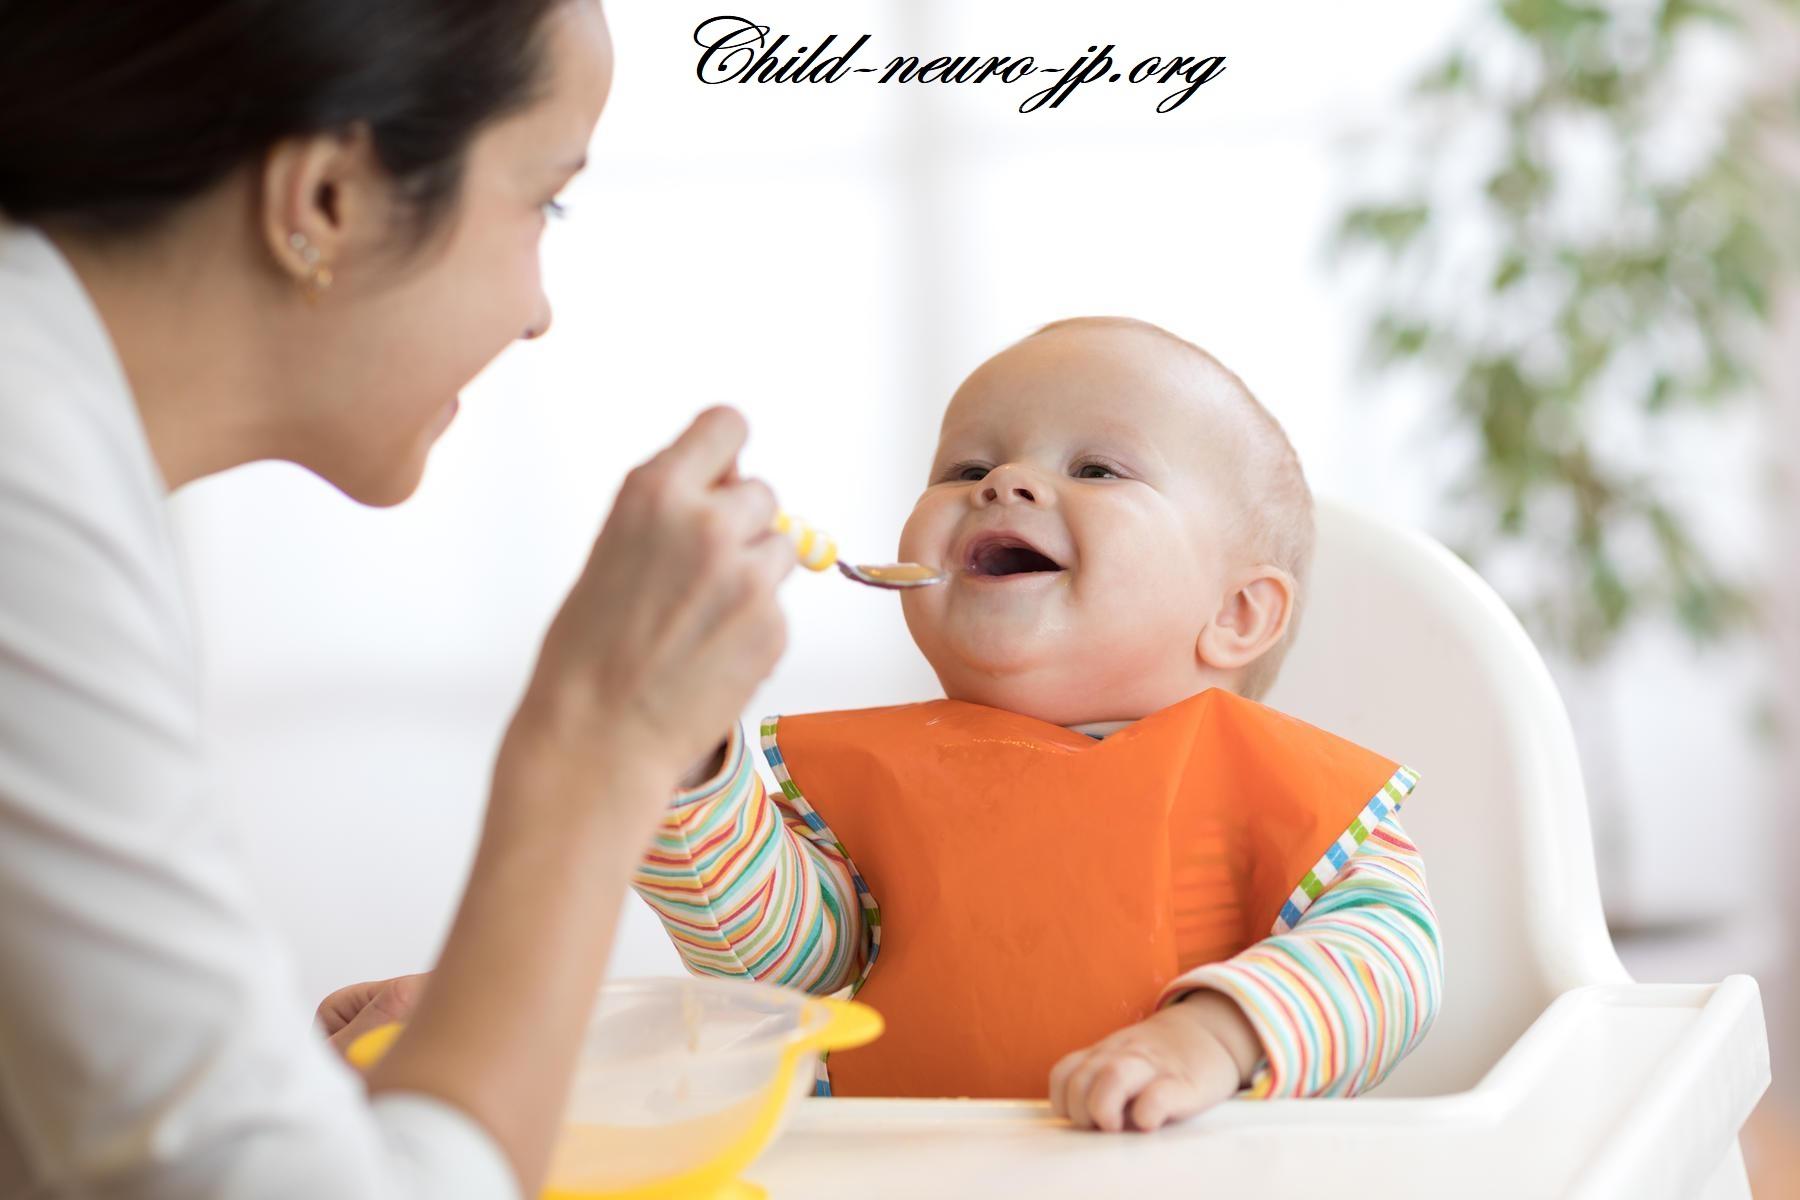 Mengenal Sindrom Moebius Yang Mempengaruhi Saraf Otak Anak